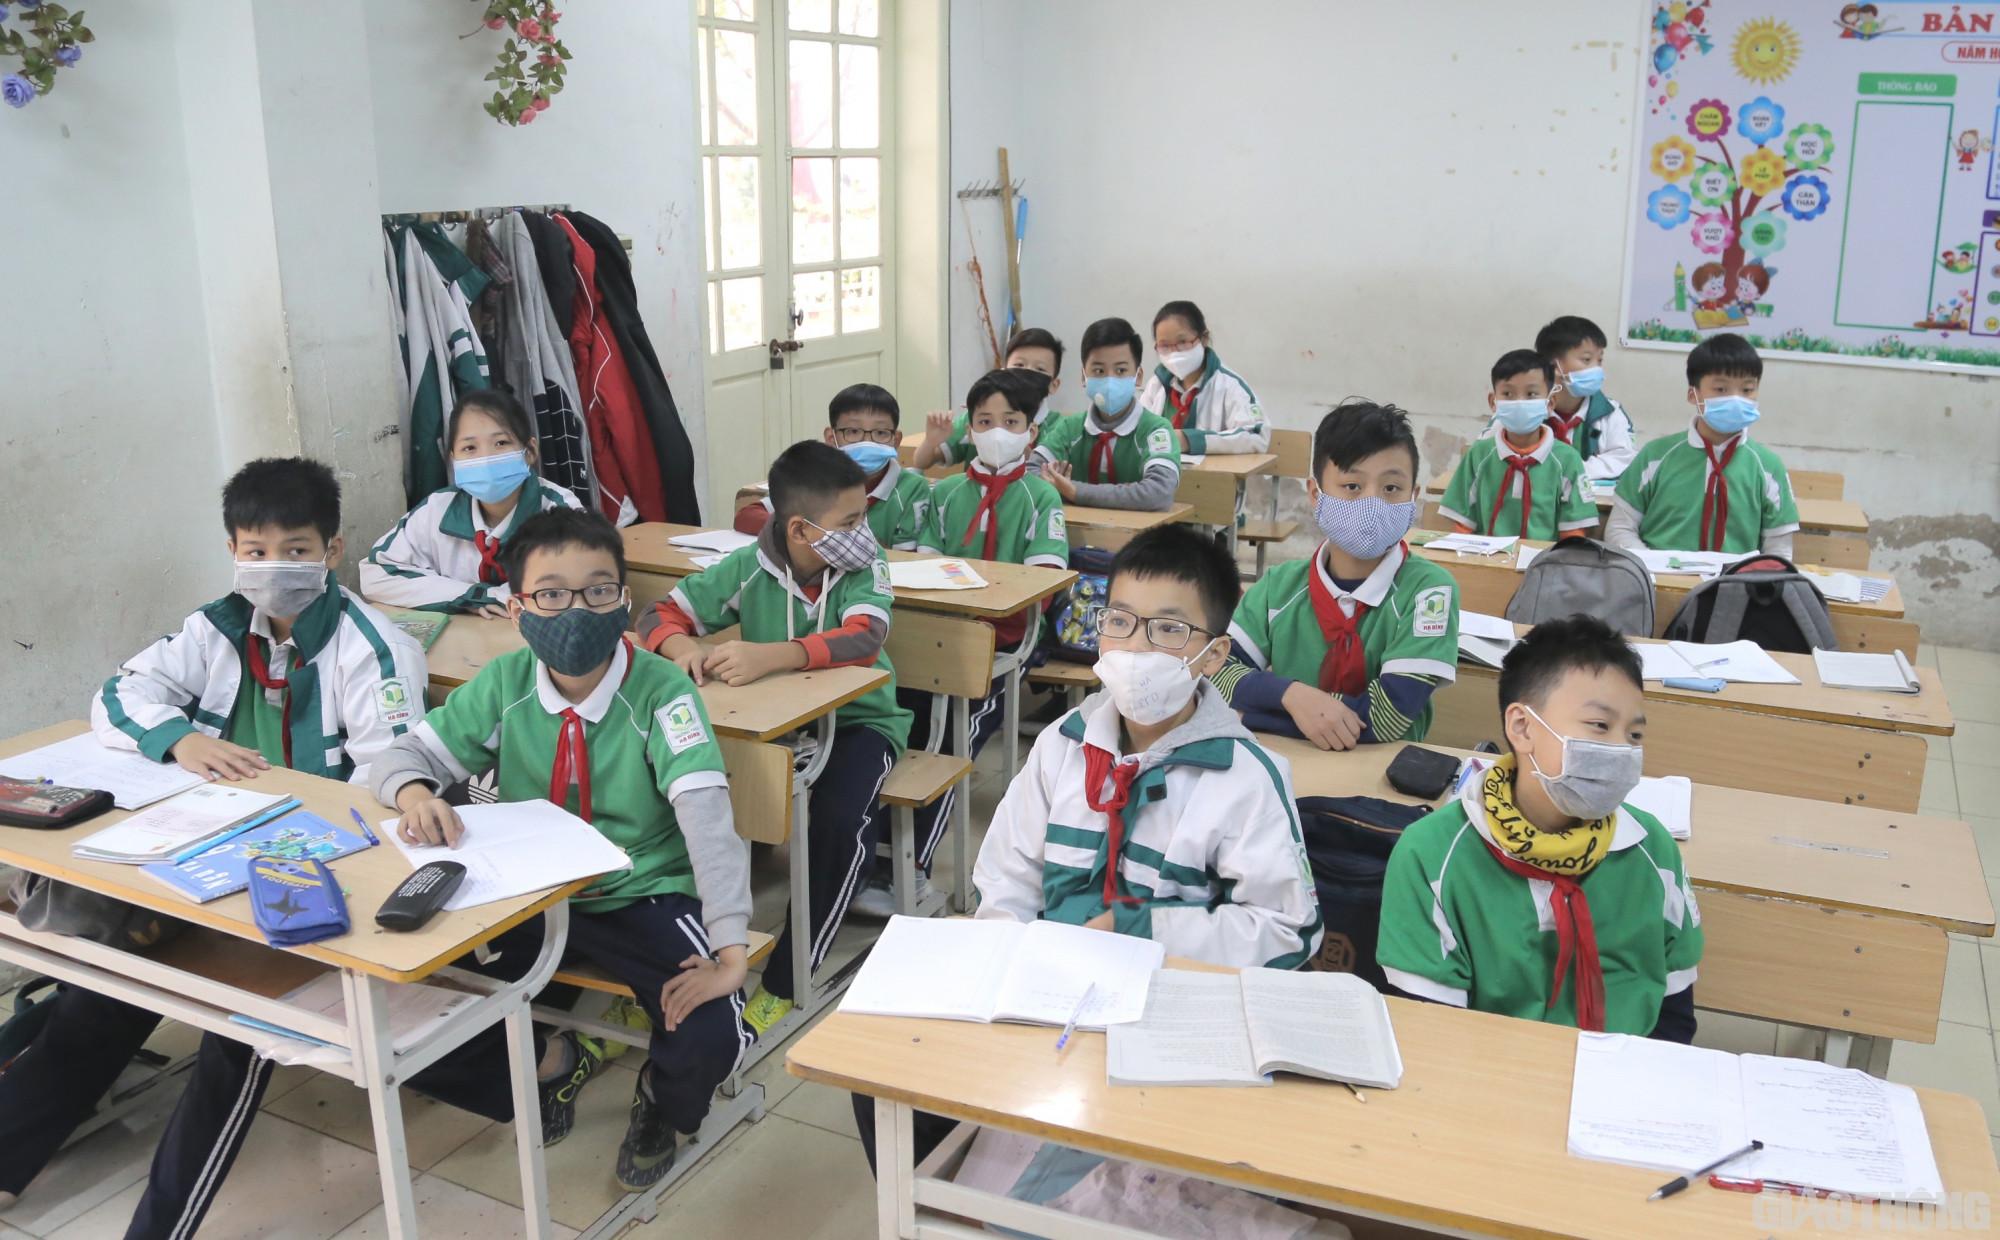 Trước khuyến nghị của Bộ Y tế về việc các địa phương không có dịch cho thể cho học